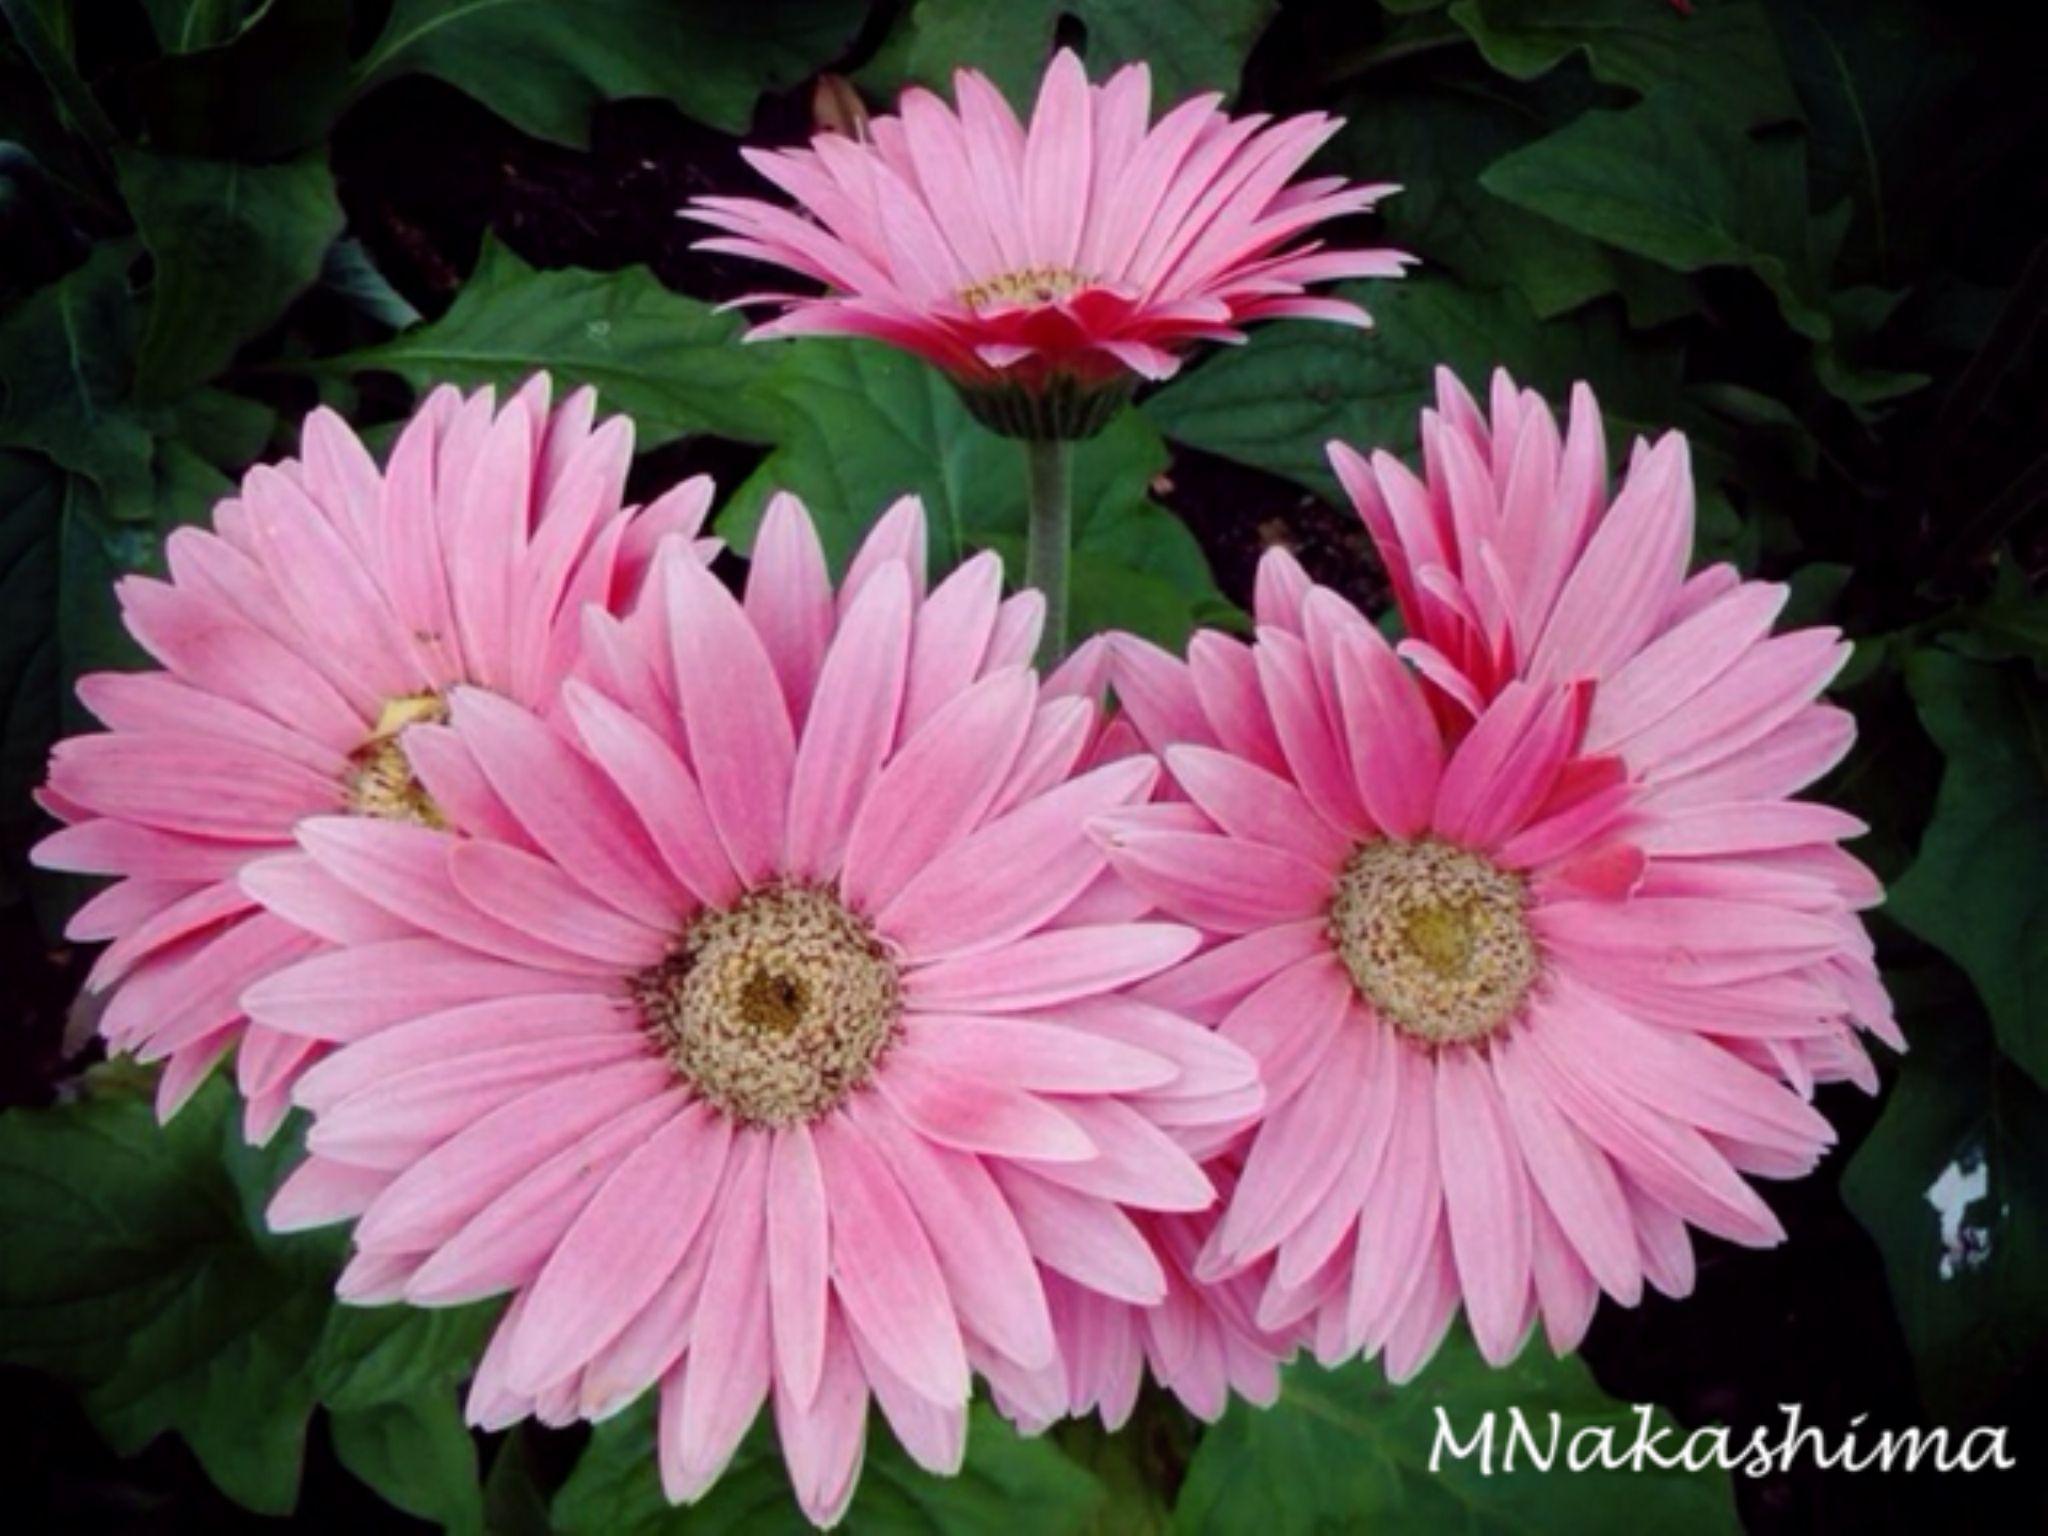 IMG_5087 by marina.nakashima